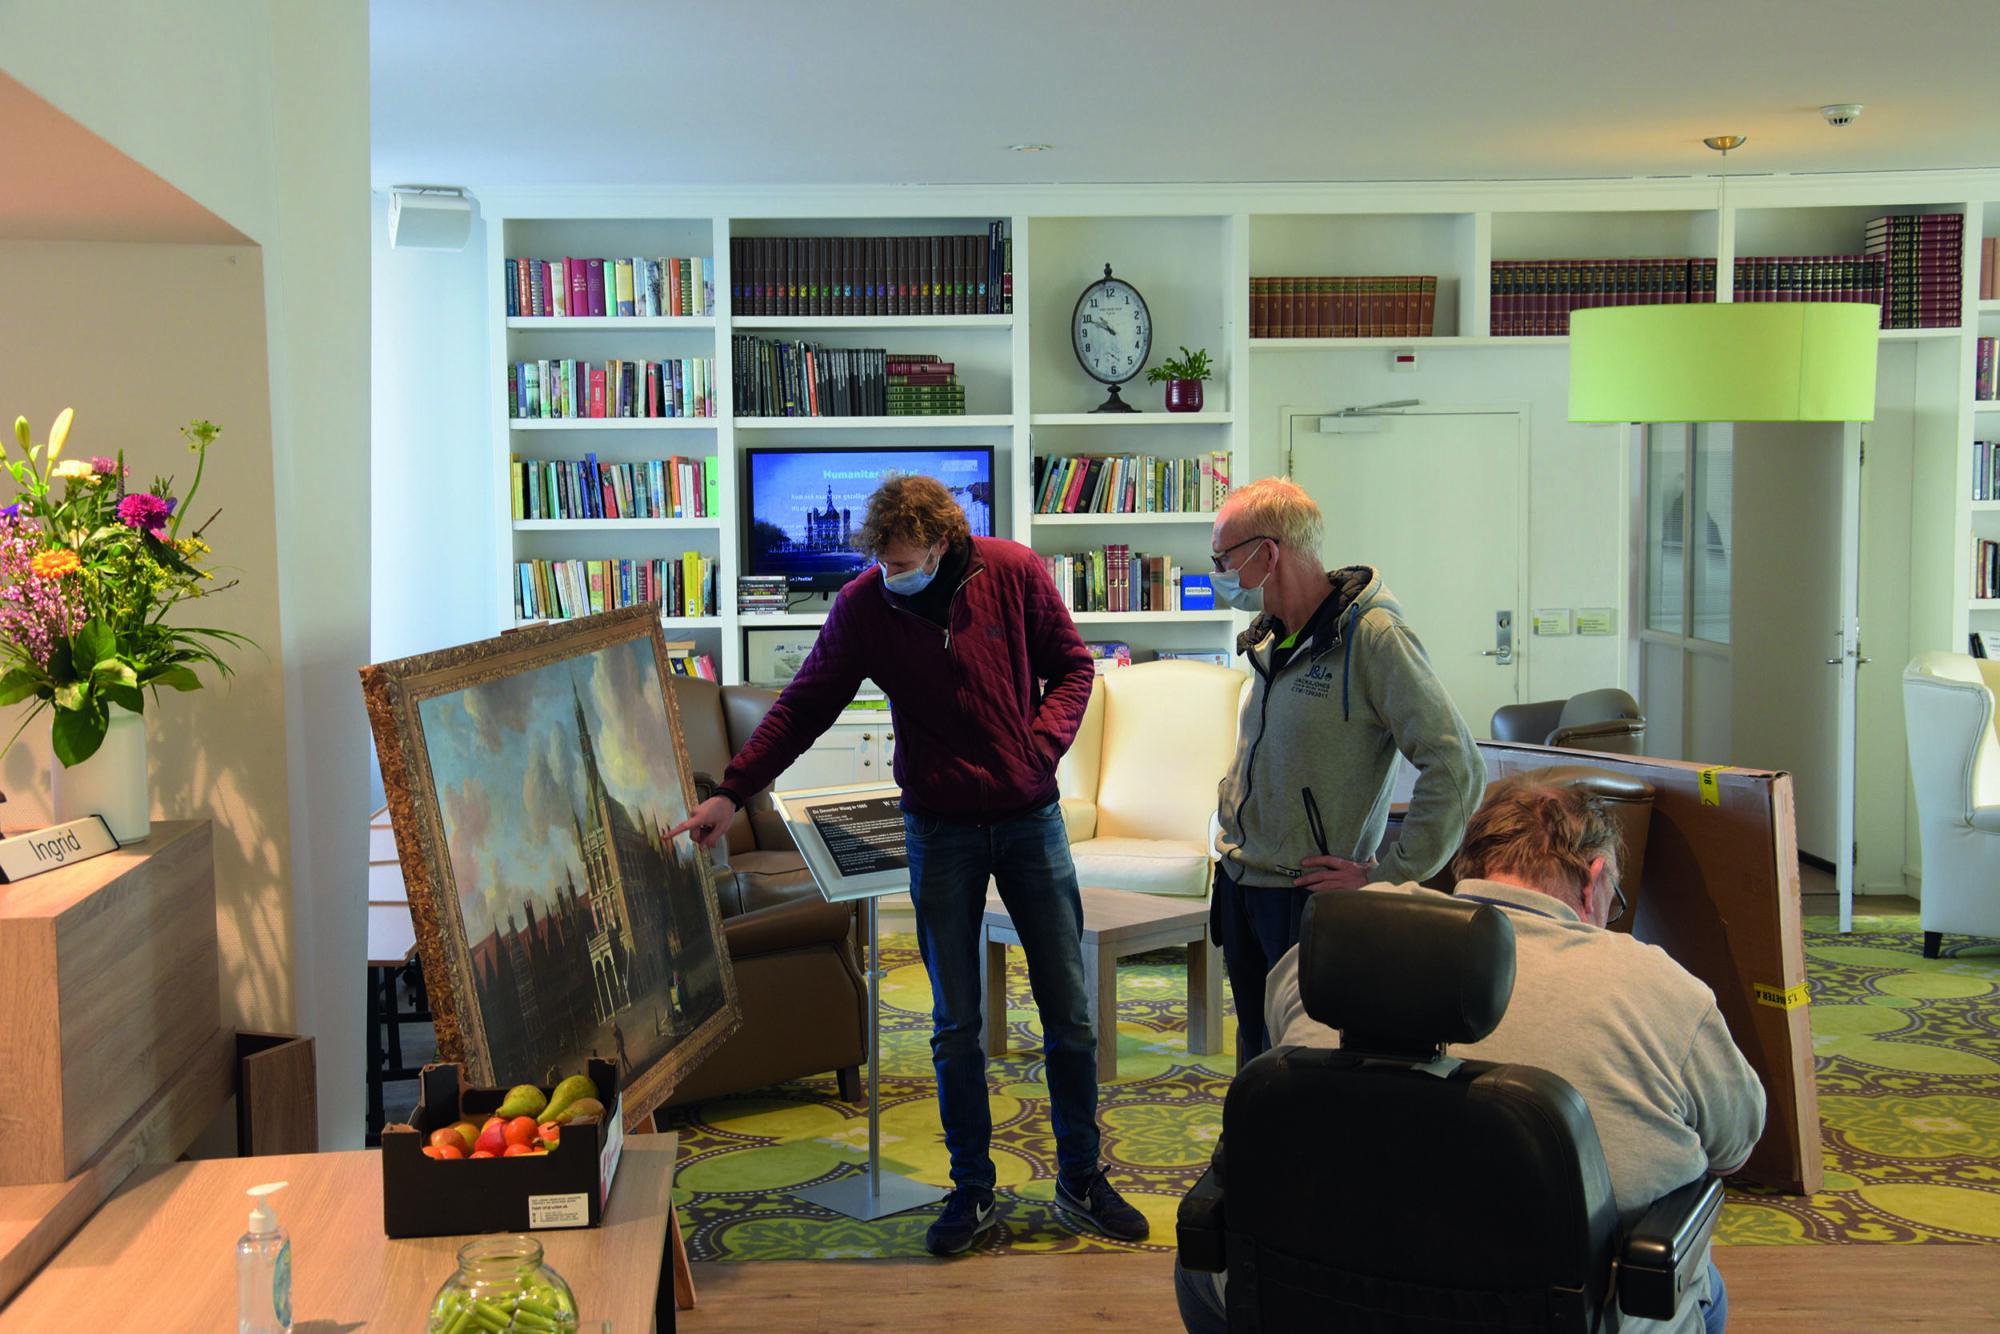 Schilderij Museum De Waag vrolijkt woonzorgcentrum op